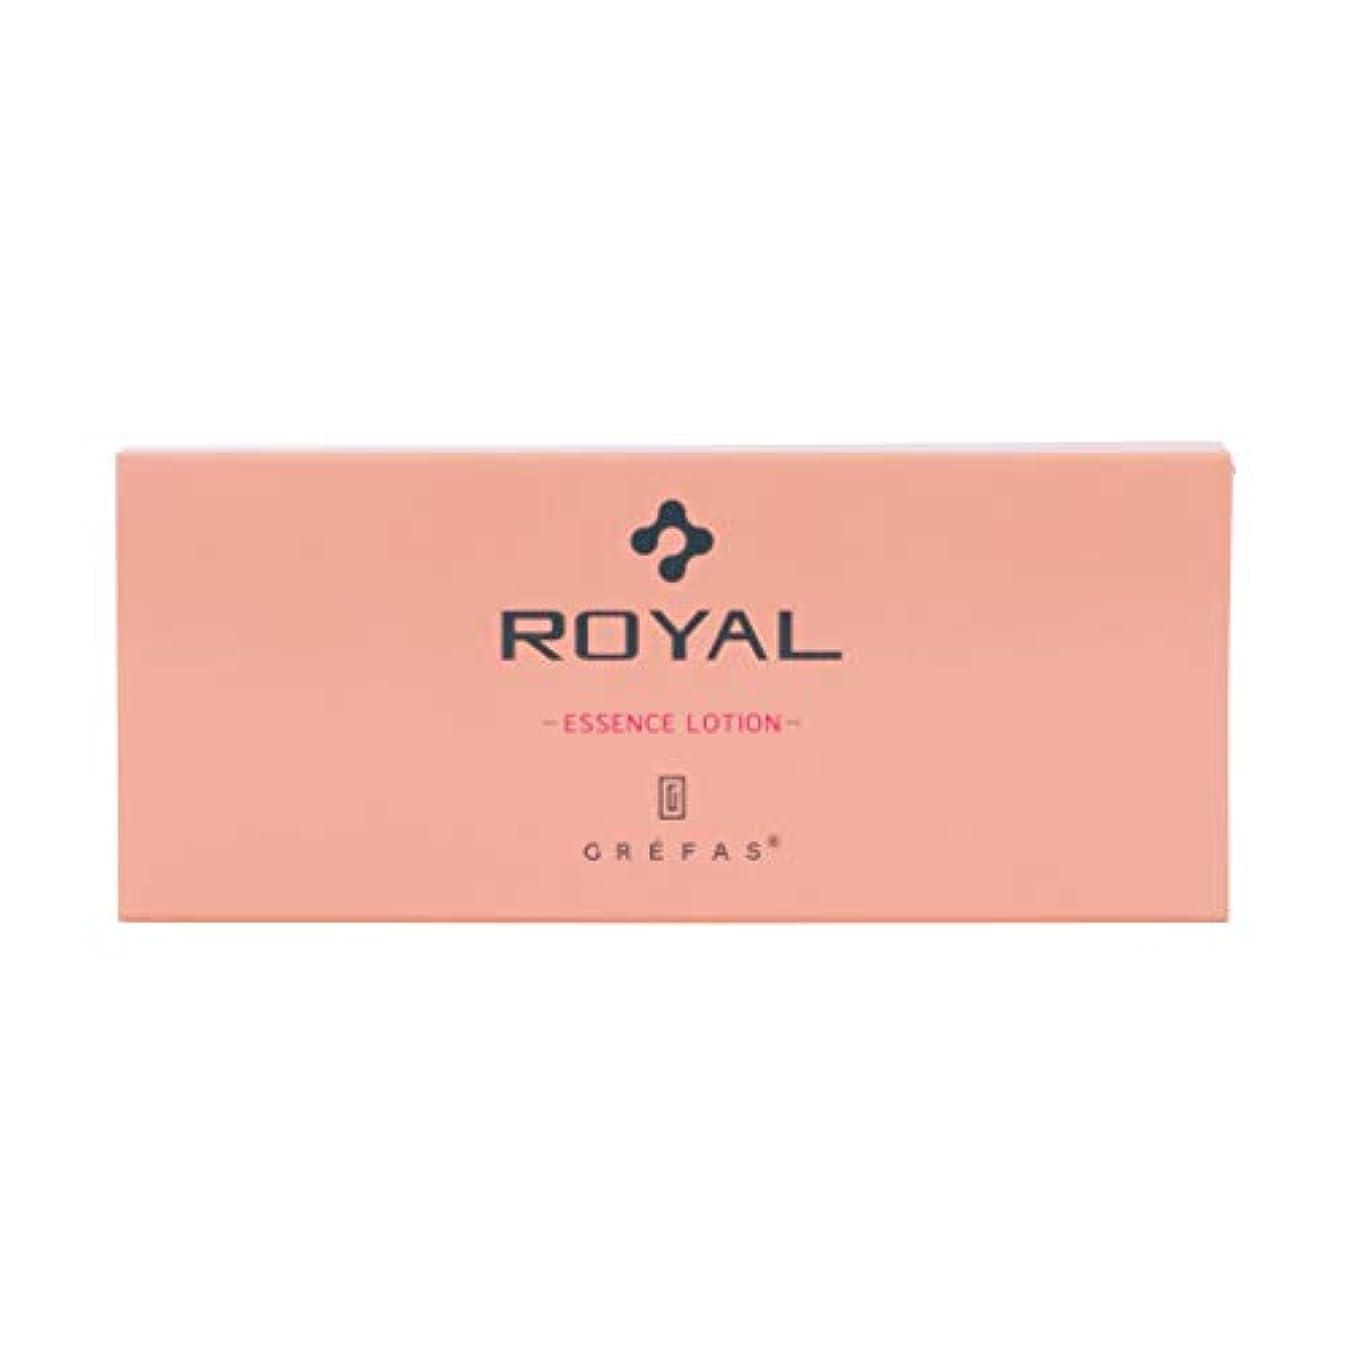 月面明日貫通GREFAS ROYAL エッセンスローション 化粧水 プラセンタエキス 1.3ml×10袋